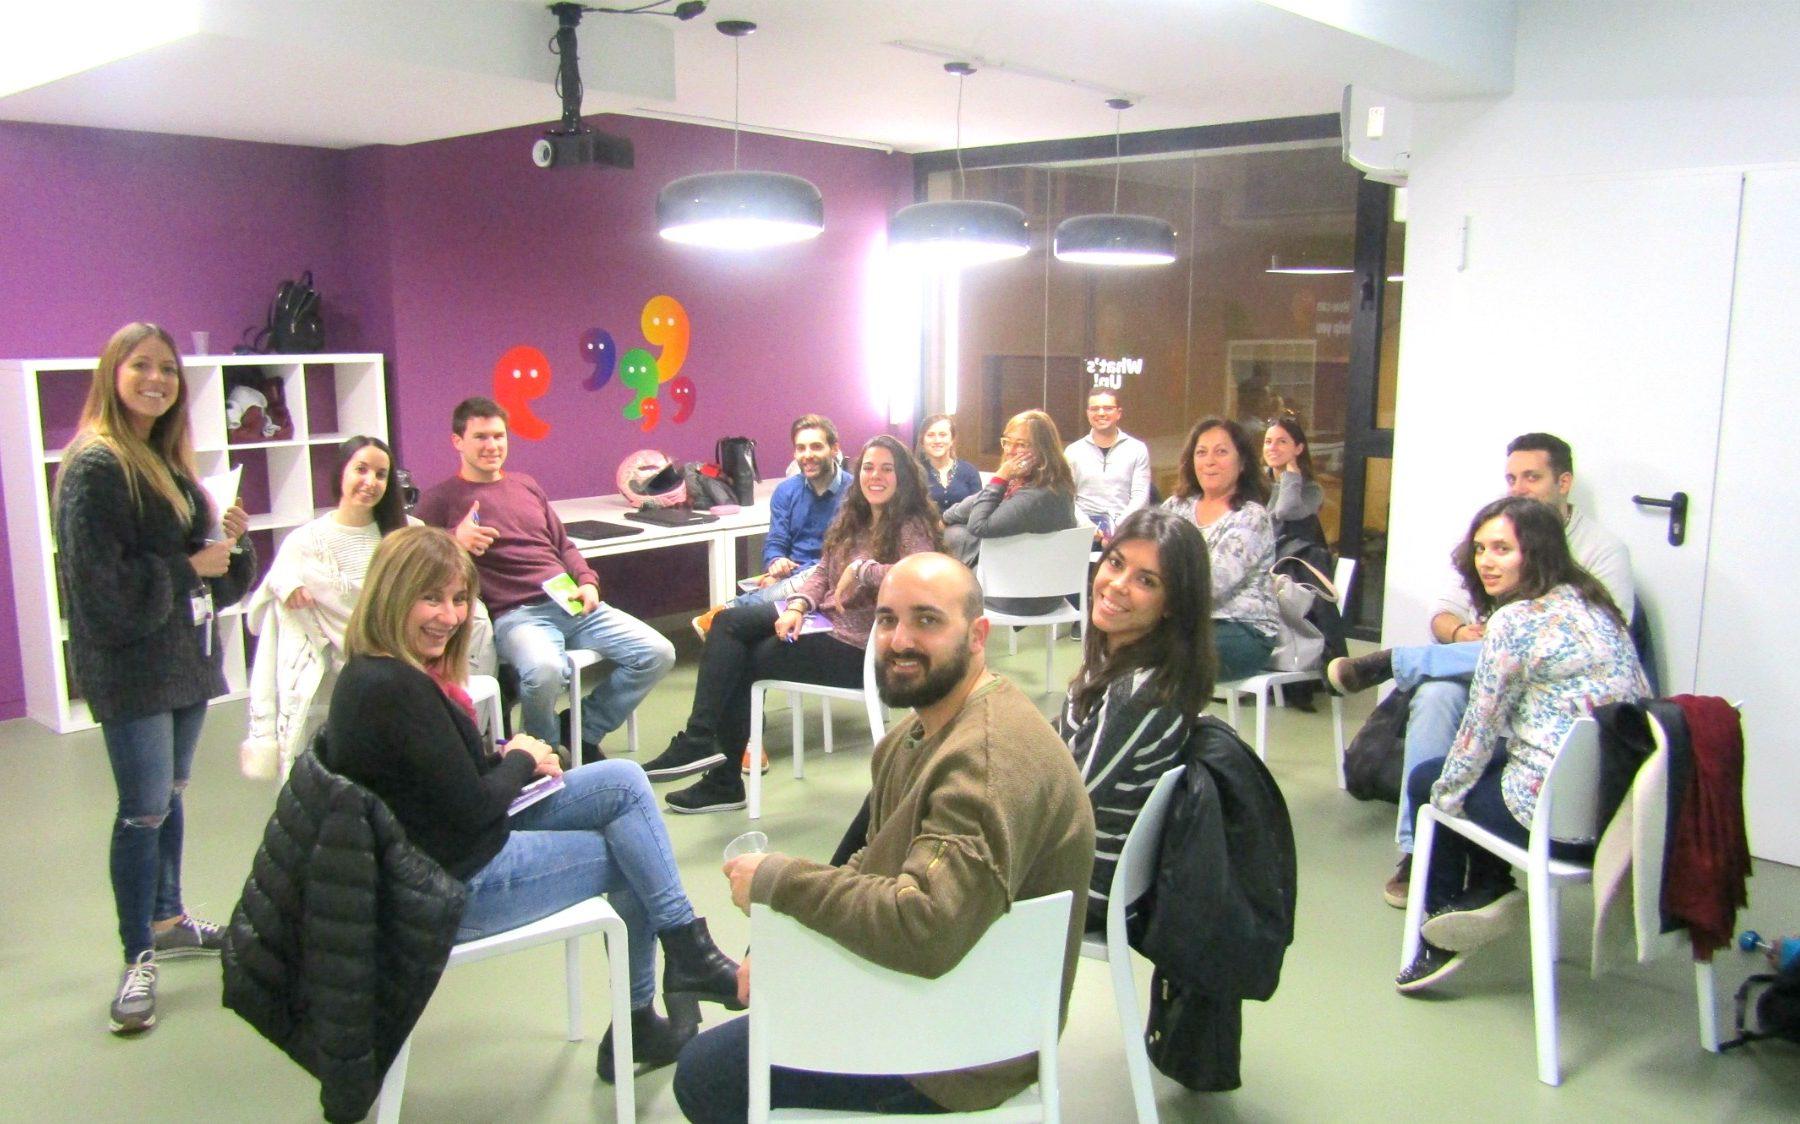 Clases de conversación en inglés de manera informal durante la actividad Chat with a Teacher en las academias de inglés What's Up!